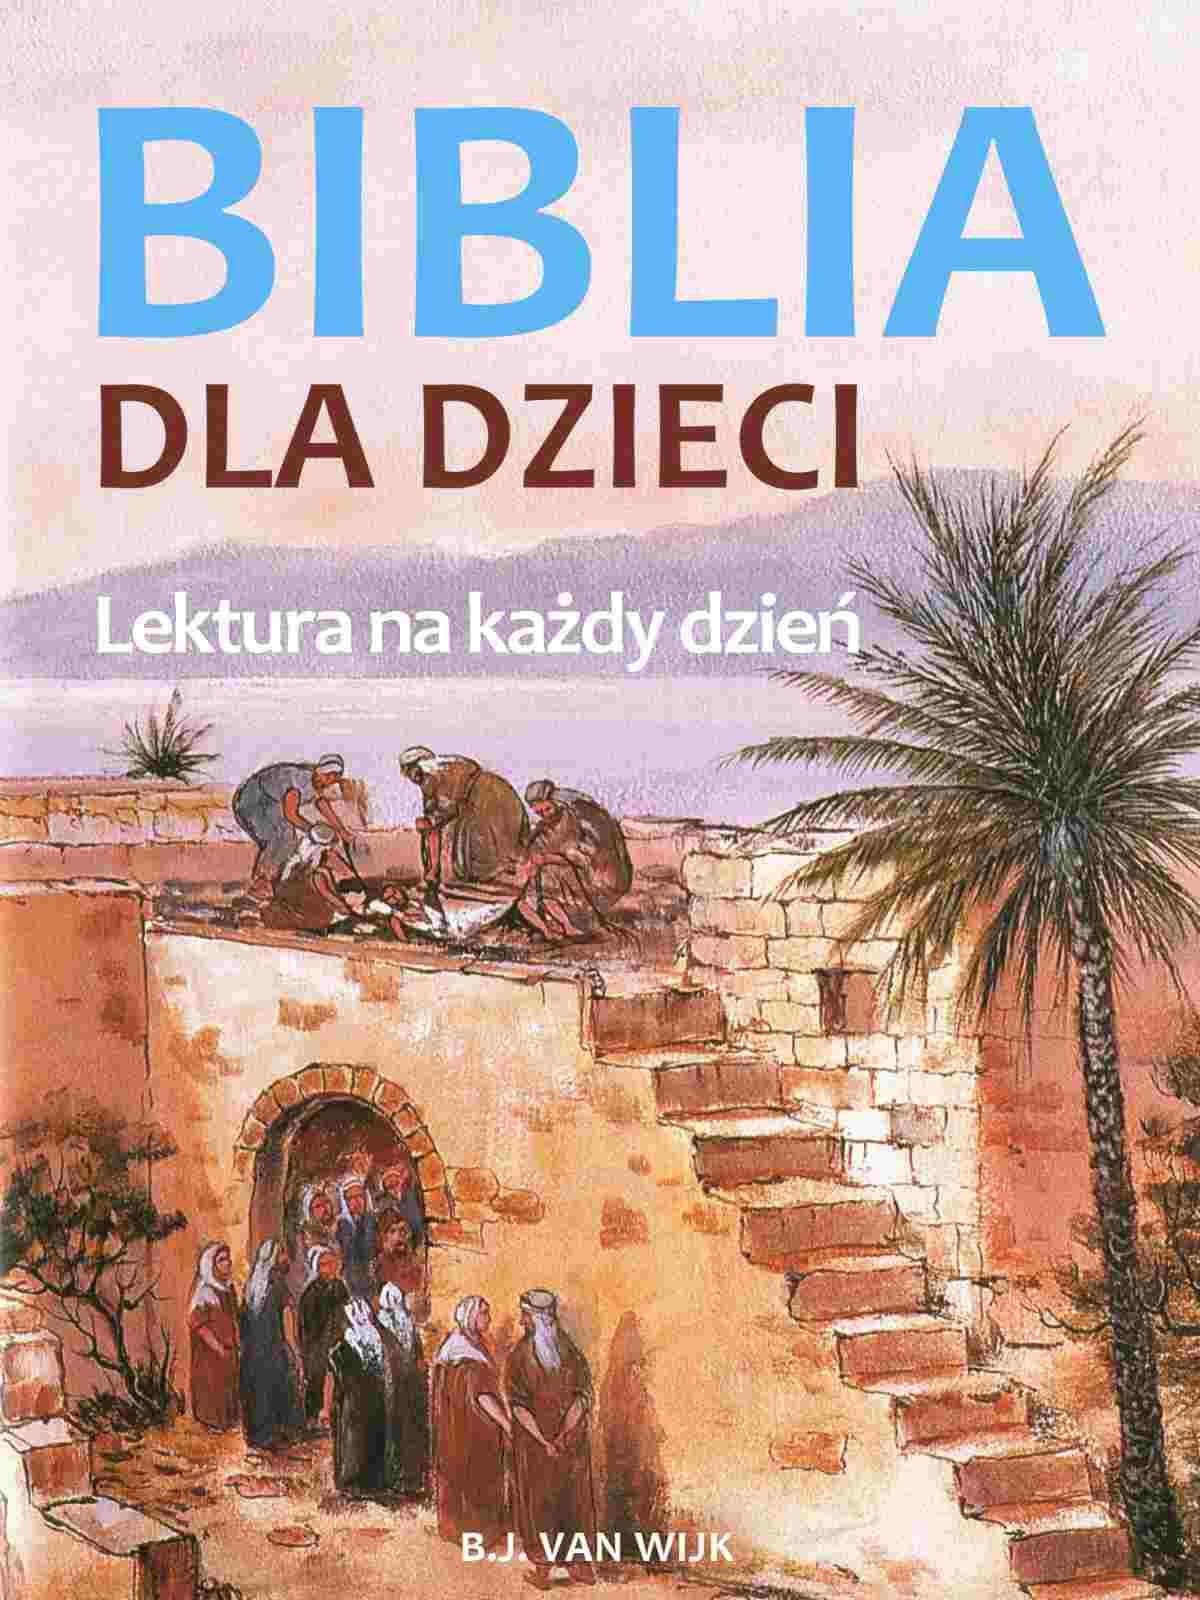 Biblia dla dzieci. Lektura na każdy dzień - Ebook (Książka EPUB) do pobrania w formacie EPUB